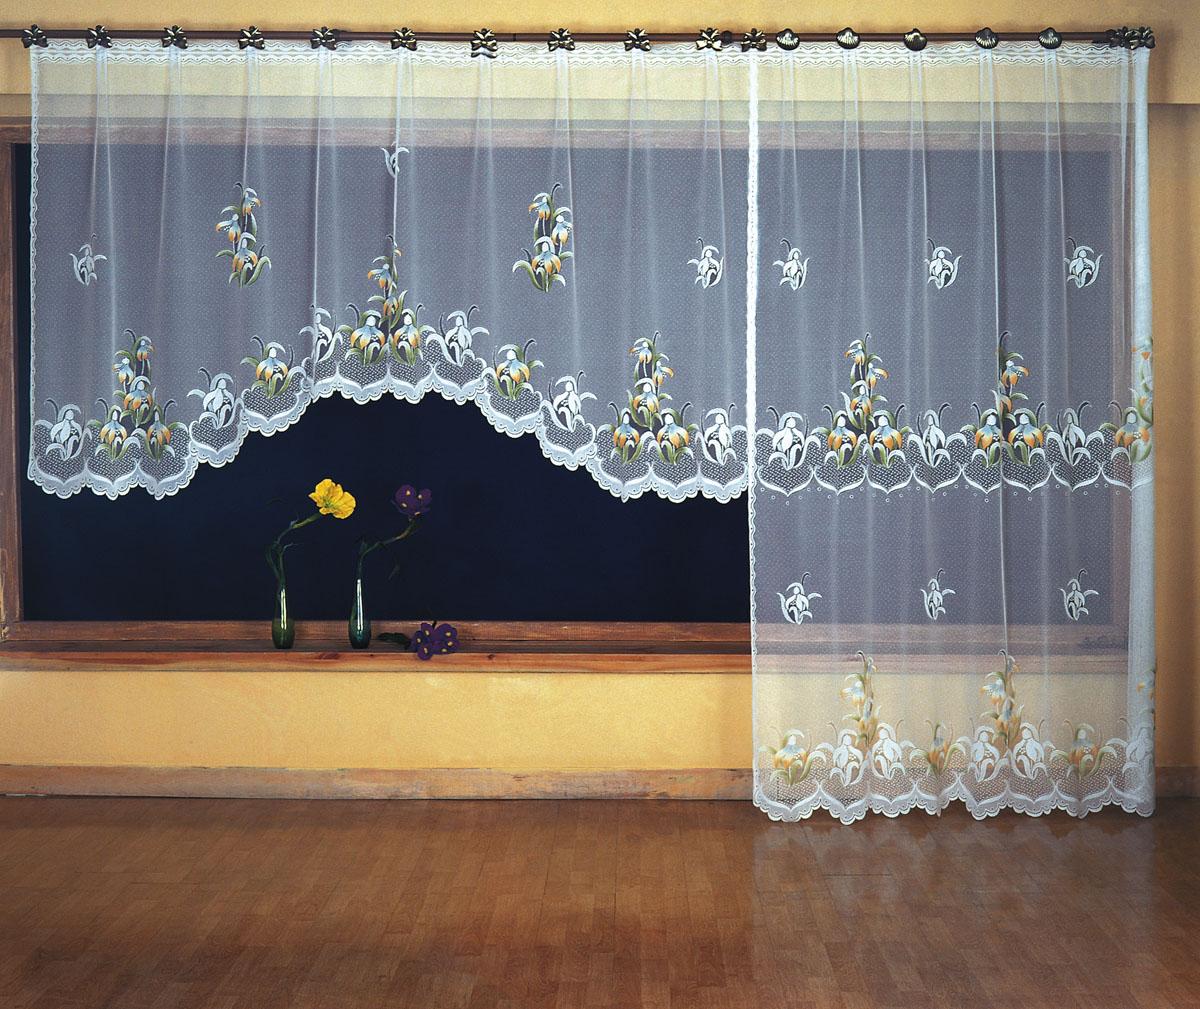 Комплект гардин для балкона Wisan, цвет: белый, высота 250 см374816Комплект воздушных гардин Wisan для балкона, изготовленные из полиэстера белого цвета, декорированы цветочным орнаментом. Гардины станут великолепным украшением балконного окна. В комплект входит короткая гардина для окна и длинная гардина для балконной двери. Тонкое плетение, оригинальный дизайн и приятная цветовая гамма привлекут к себе внимание и органично впишутся в интерьер. Характеристики: Материал: 100% полиэстер. Цвет: белый. Размер упаковки: 26 см х 3 см х 35 см. Артикул: 374816. В комплект входит: Гардина - 1 шт. Размер (ШхВ): 300 см х 150 см. Гардина - 1 шт. Размер (ШхВ): 200 см х 250 см. Фирма Wisan на польском рынке существует уже более пятидесяти лет и является одной из лучших польских фабрик по производству штор и тканей. Ассортимент фирмы представлен готовыми комплектами штор для гостиной, детской, кухни, а также текстилем для кухни (скатерти, салфетки, дорожки, кухонные занавески). Модельный ряд отличает...